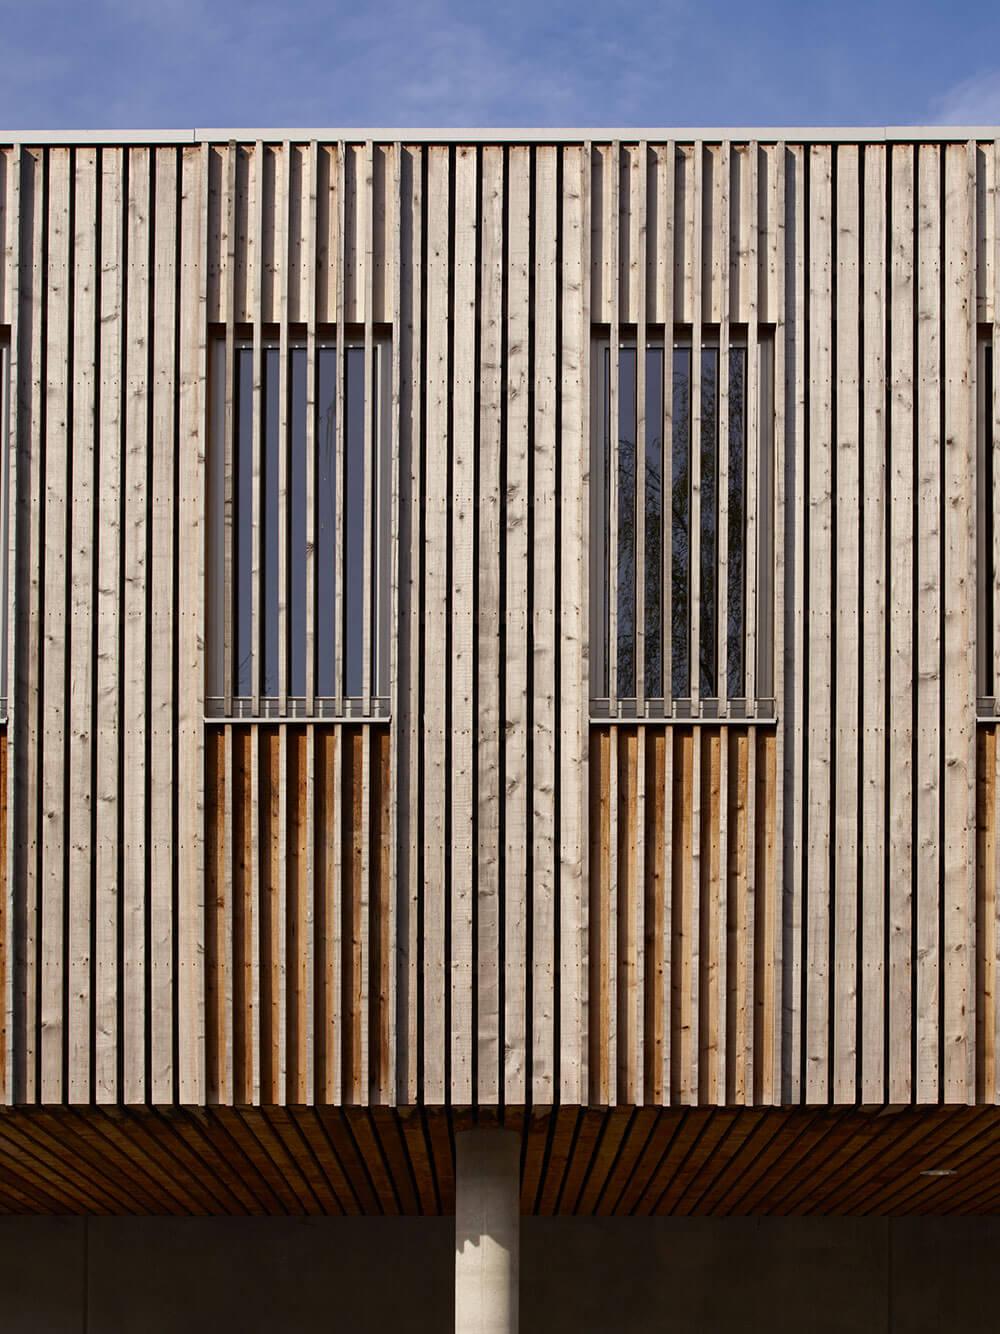 Uitspringende delen en wanden van patio's werden uitgevoerd in thermisch gemodificeerd hout